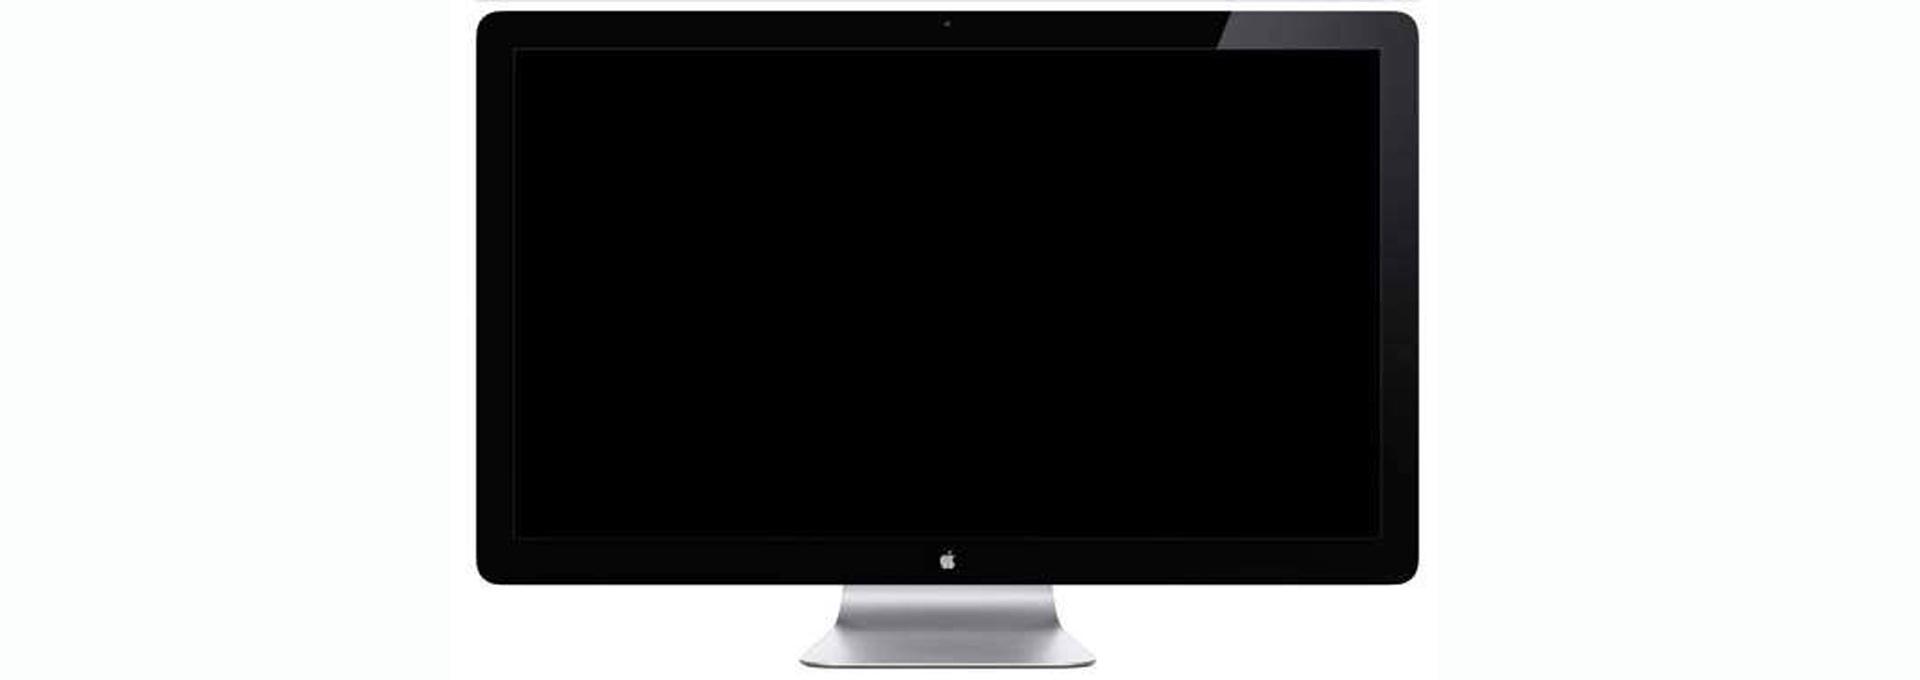 Télévision Apple: pas à l'ordre du jour selon un responsable chez Apple